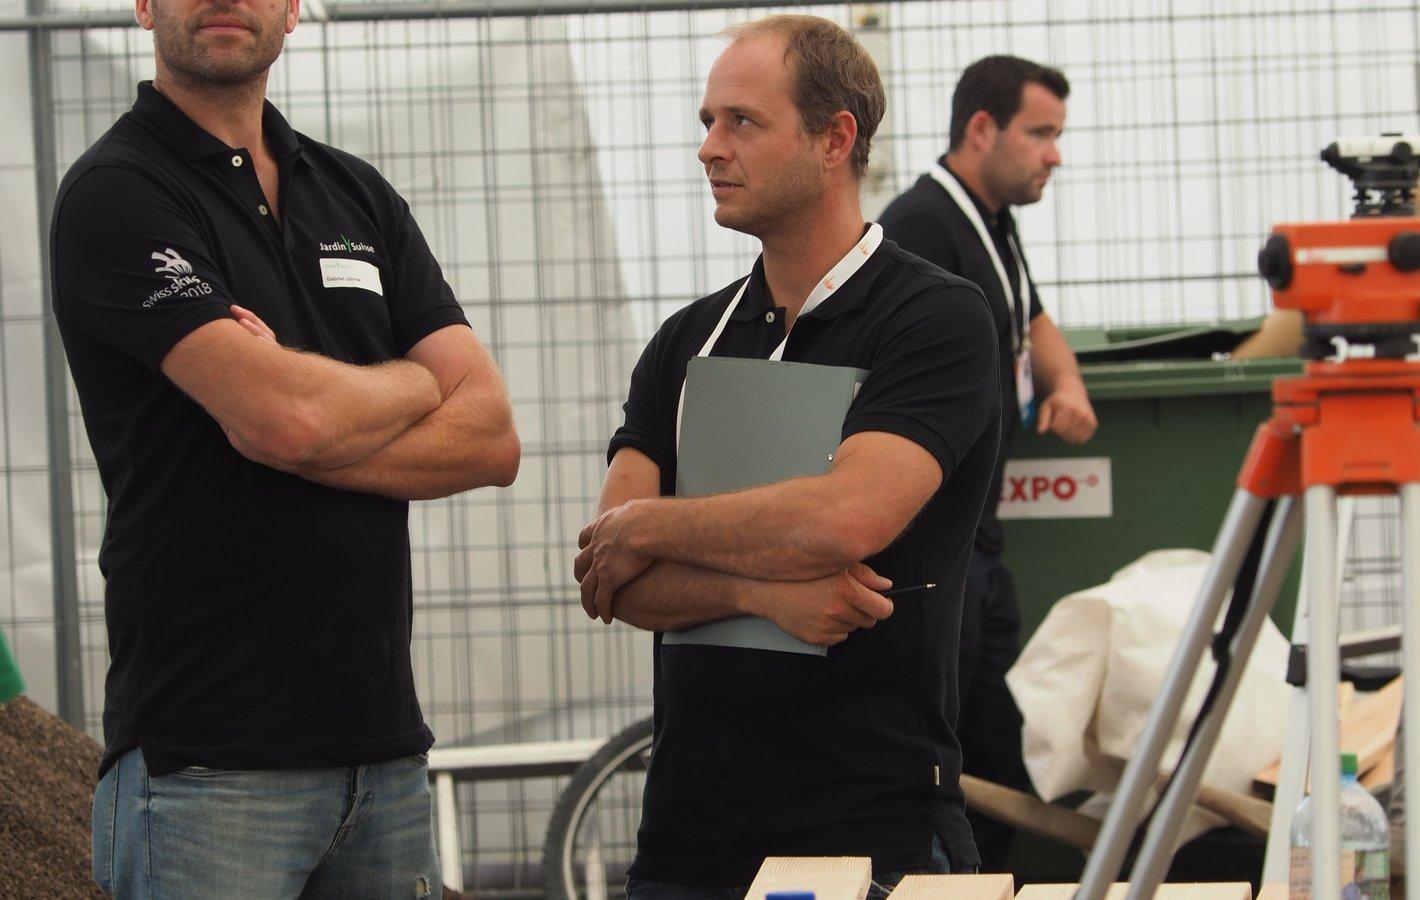 SwissSkills 2018 Bern 3. Wettkampftag